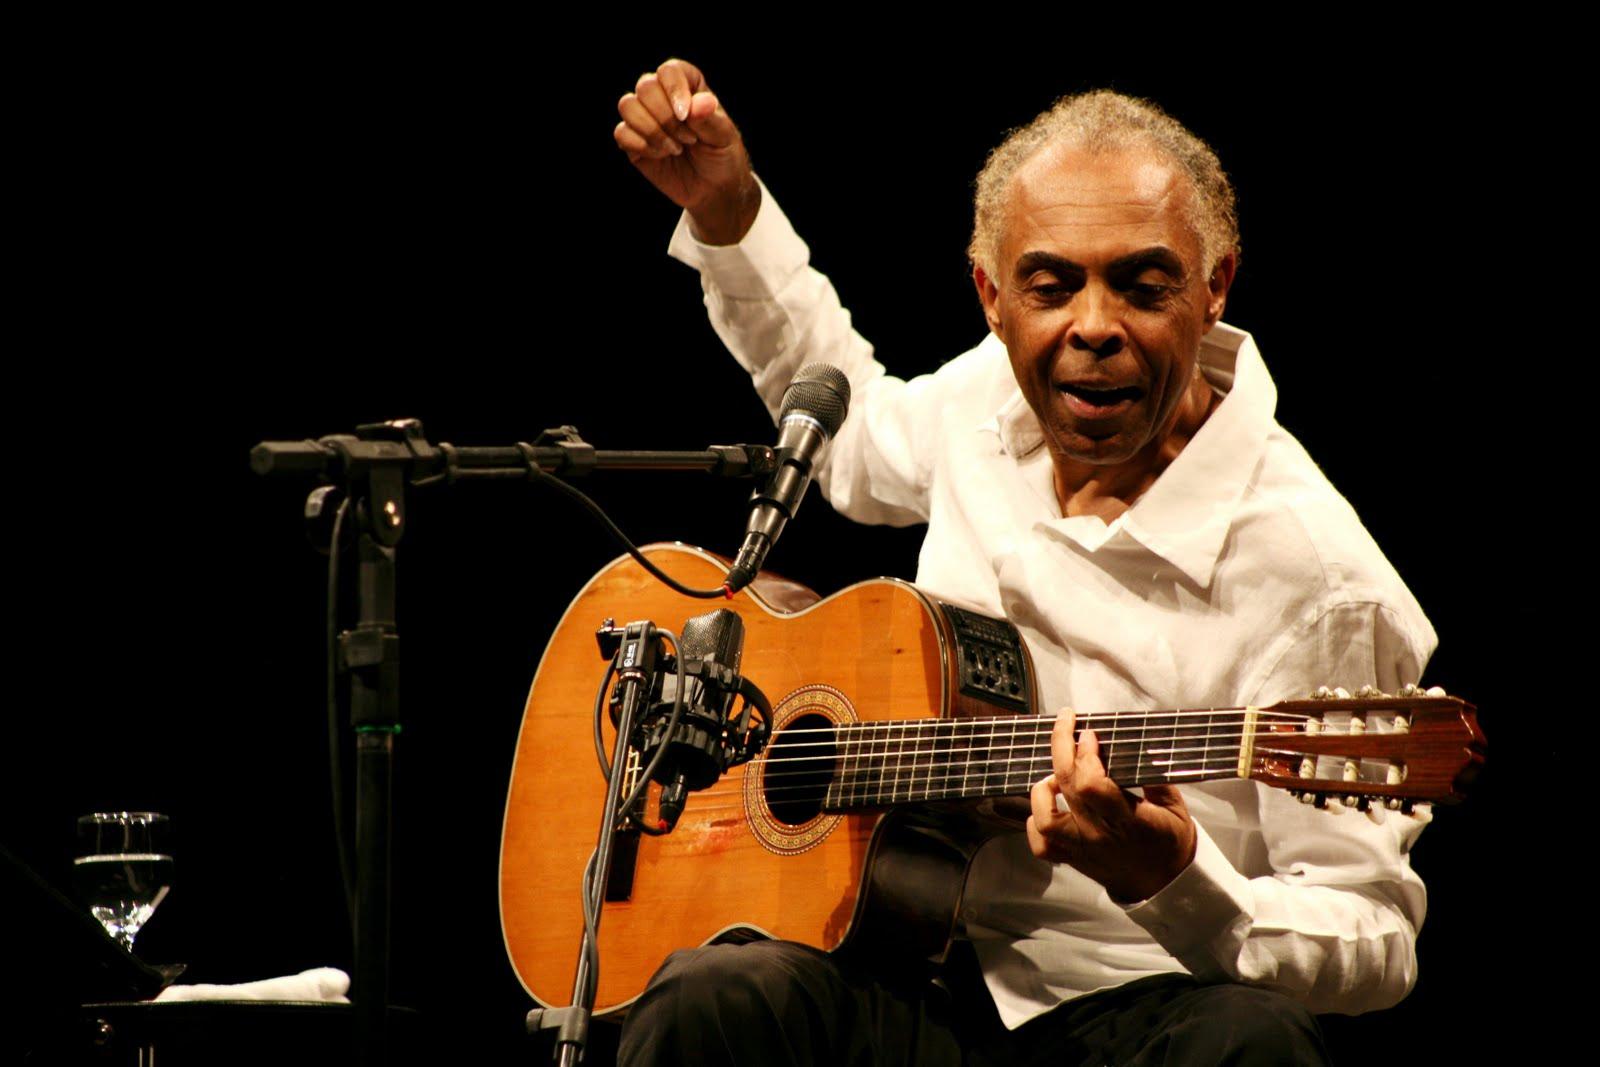 Photo of Gilberto Gil, leggenda della musica popolare brasiliana, sul palco di Monforte d'Alba